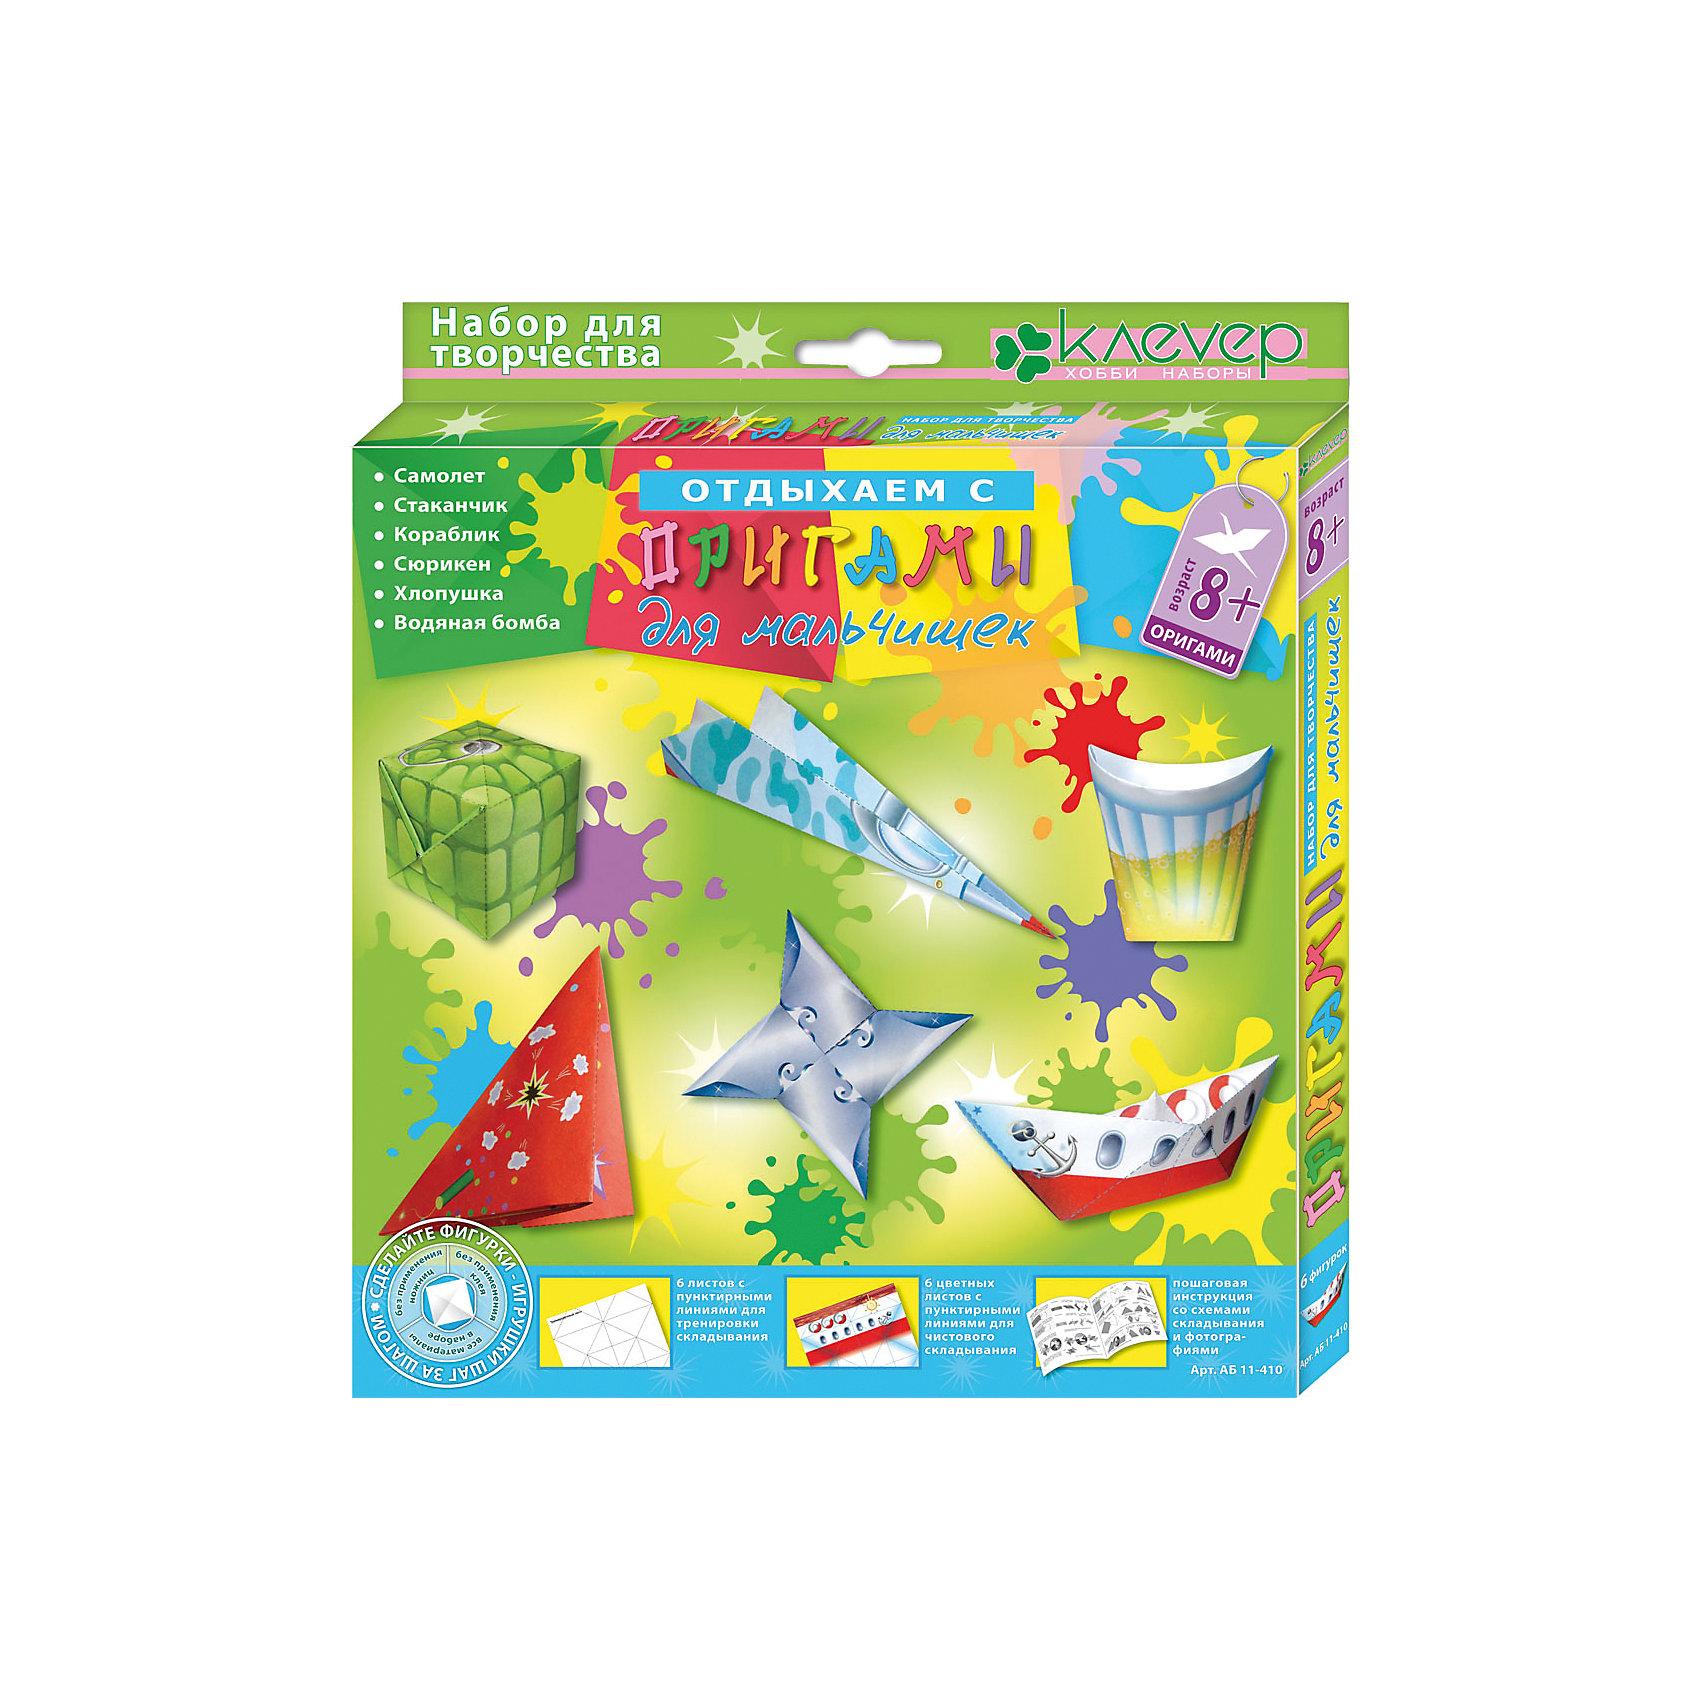 Набор для изготовления фигурок Оригами для мальчишекБумага<br>Характеристики:<br><br>• Коллекция: оригами<br>• Тематика: оружие и амуниция<br>• Уровень сложности: средний<br>• Материал: бумага<br>• Комплектация: тренировочные листы, цветные листы, брошюра-инструкция<br>• Размеры (Д*Ш*В): 20,6*22,5*16 см<br>• Вес: 72 г <br>• Упаковка: картонная коробка<br><br>Набор для изготовления фигурок Оригами для мальчишек состоит из набора цветных и черно-белых листов, презназначенных для освоения приемов складывания фигурок. На каждый лист нанесены пунктирные линии, которые облегчают процесс обучения оригами.<br><br>Набор для изготовления фигурок Оригами для мальчишек можно купить в нашем интернет-магазине.<br><br>Ширина мм: 206<br>Глубина мм: 225<br>Высота мм: 160<br>Вес г: 72<br>Возраст от месяцев: 96<br>Возраст до месяцев: 144<br>Пол: Мужской<br>Возраст: Детский<br>SKU: 5541596